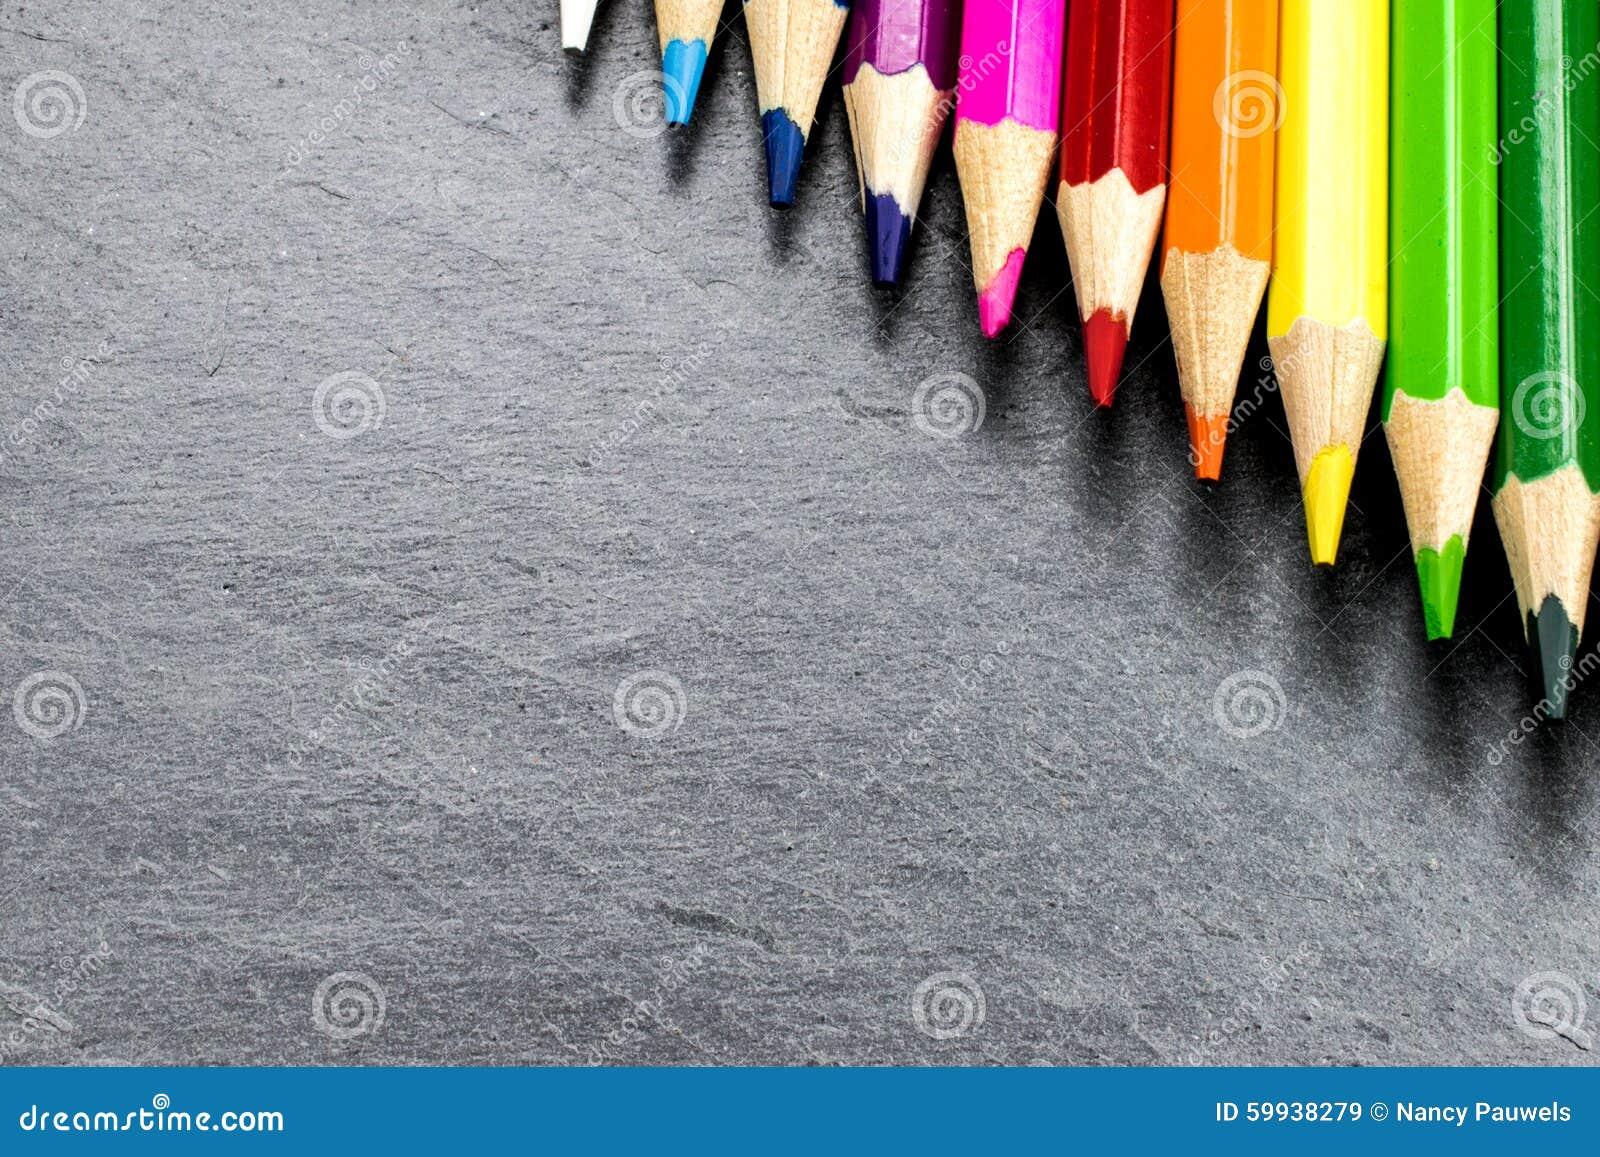 Farbige Bleistifte auf Schiefer